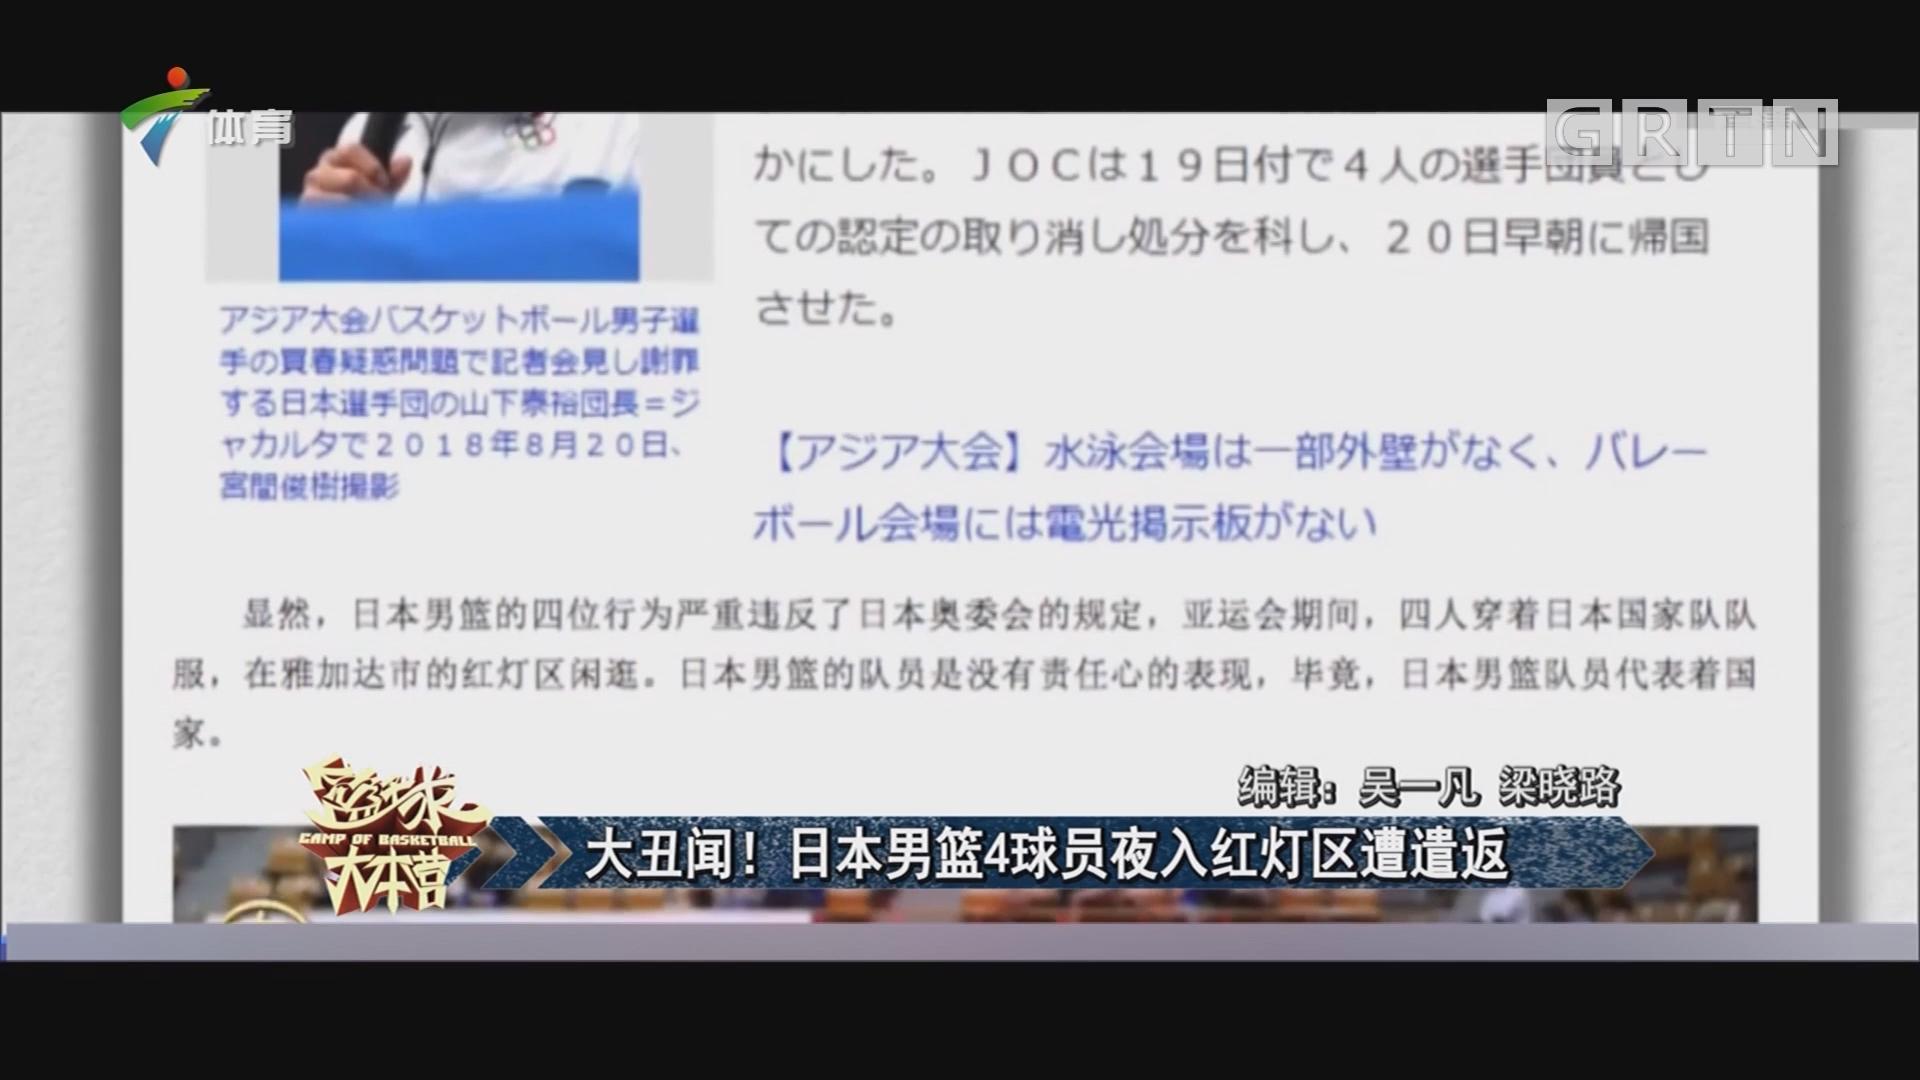 大丑闻!日本男篮4球员夜入红灯区遭遣返